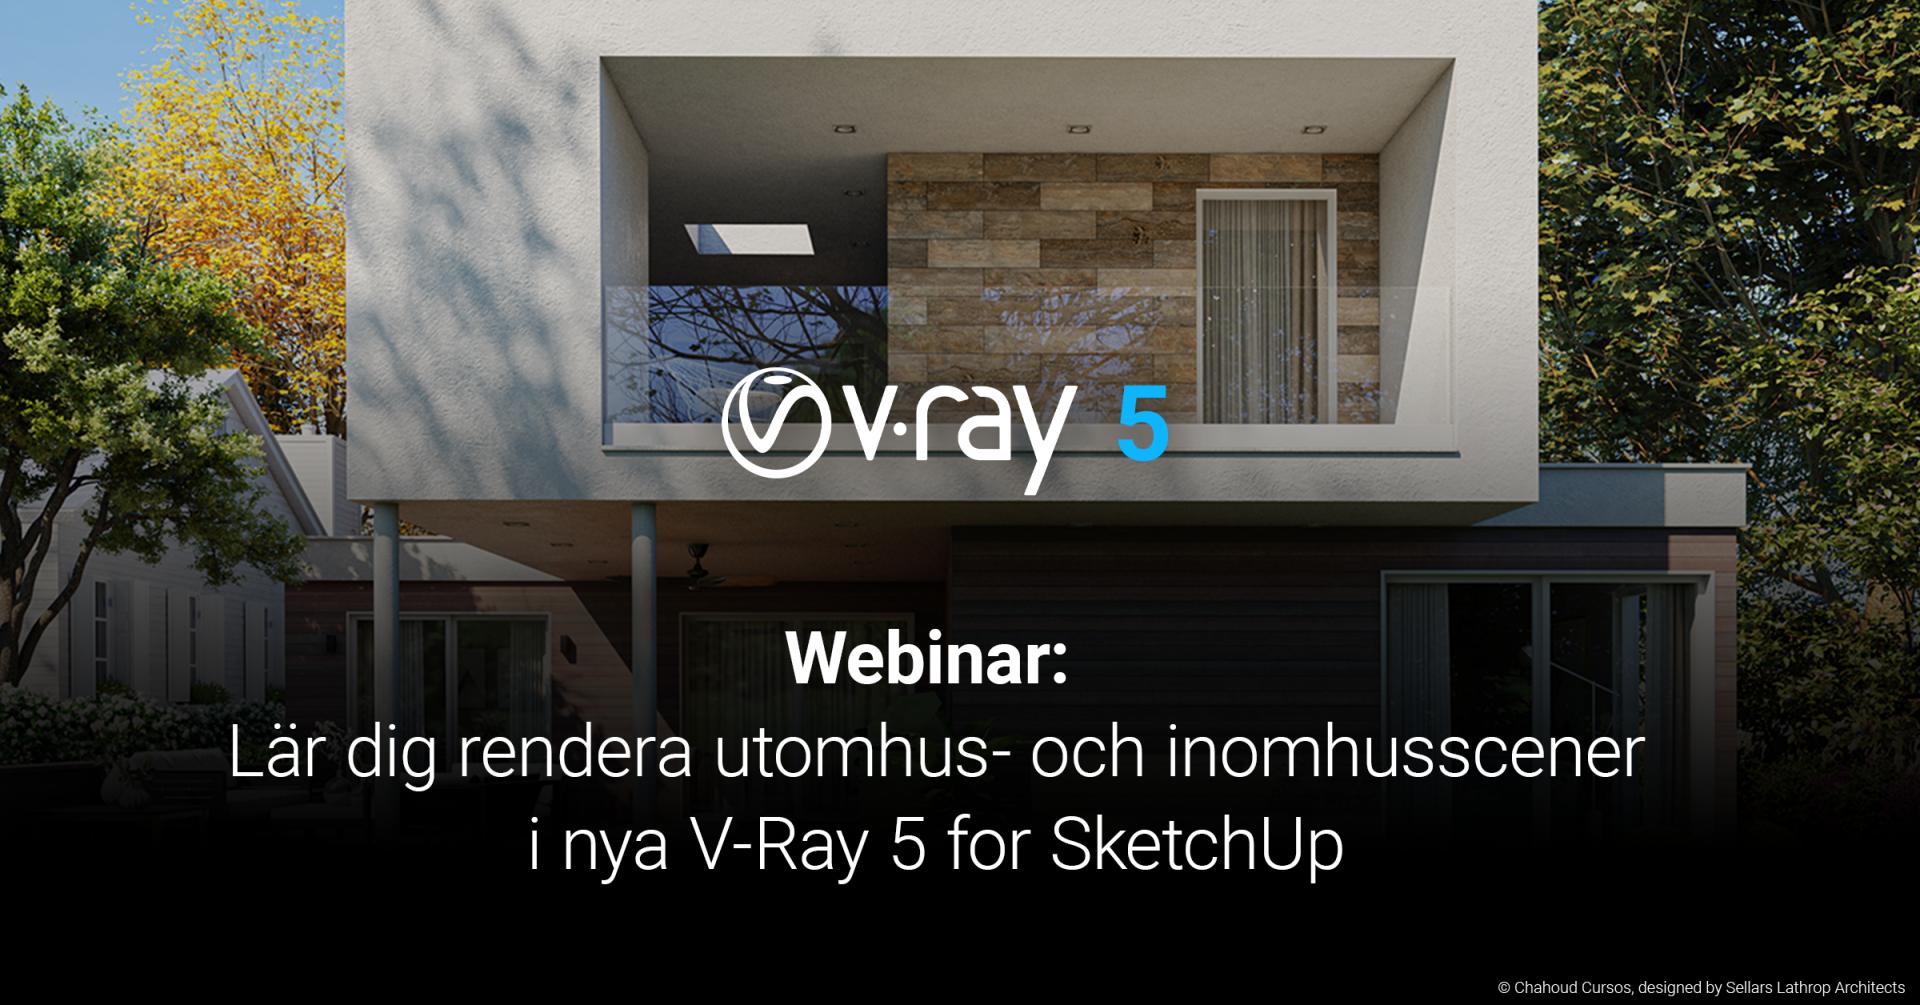 Lär dig rendera utomhus- och inomhusscener i V-Ray for SketchUp